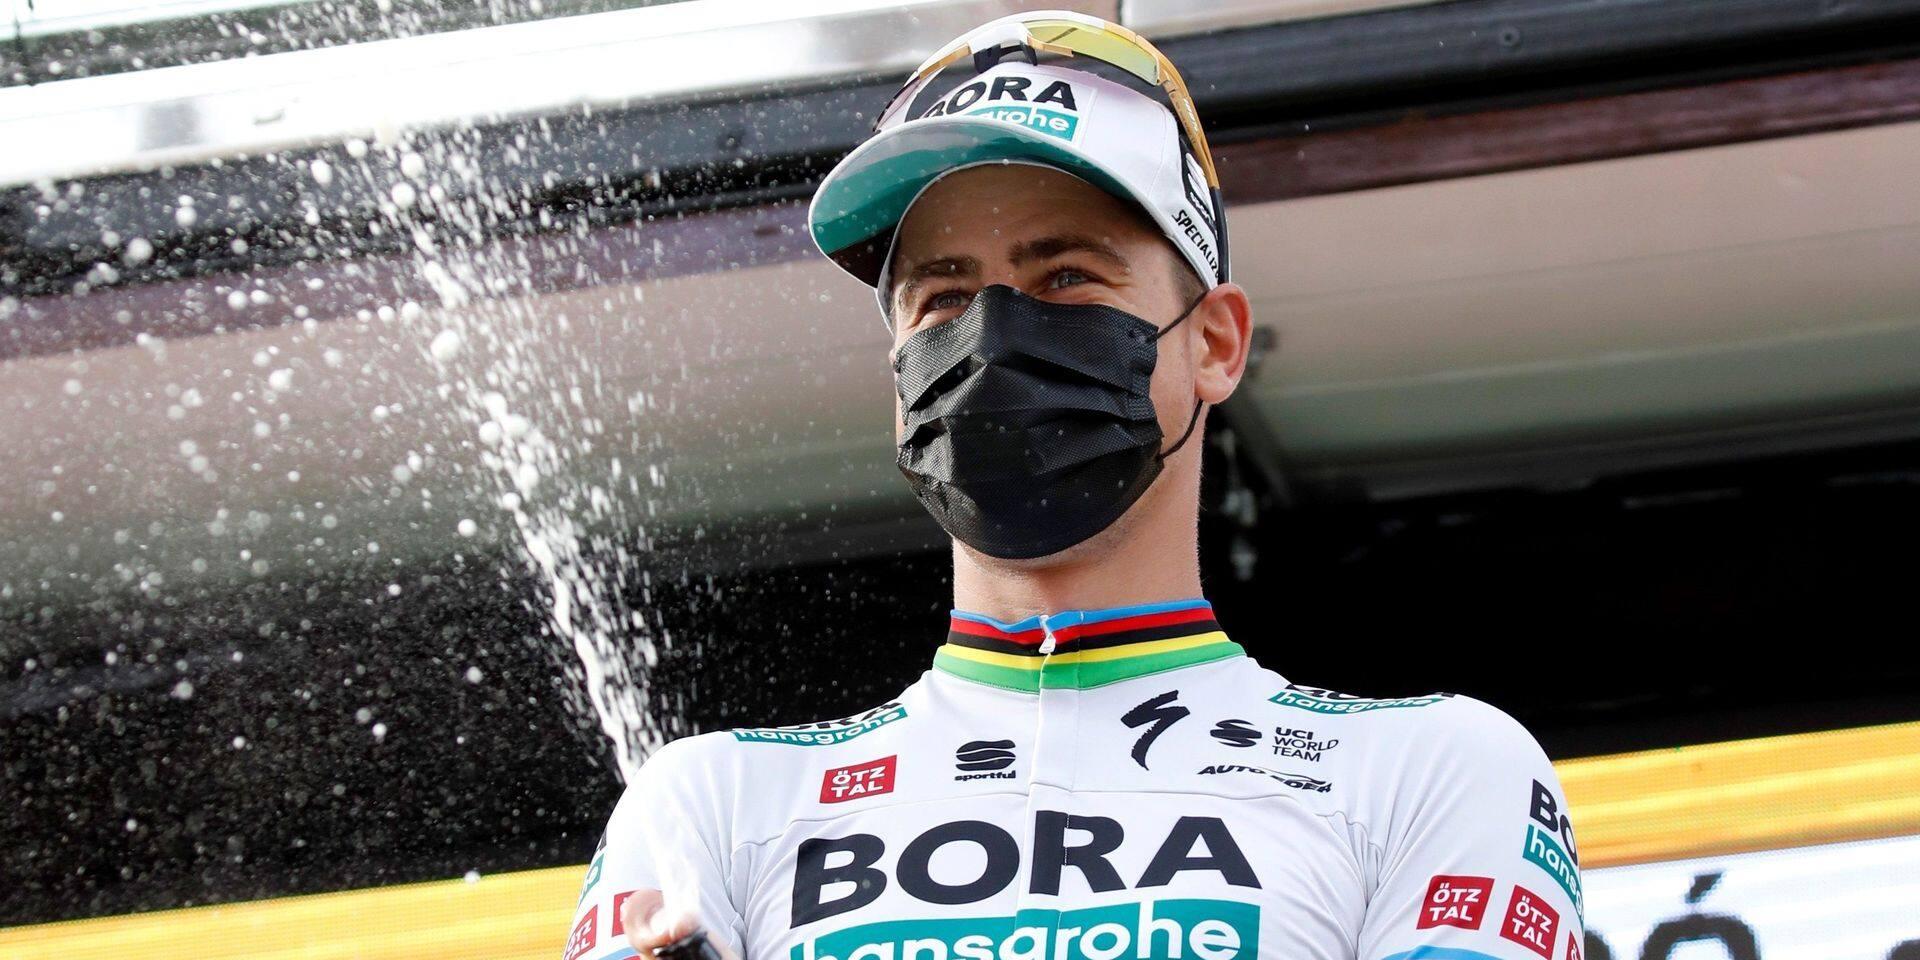 La Volta a Catalunya cycling race sixth stage?